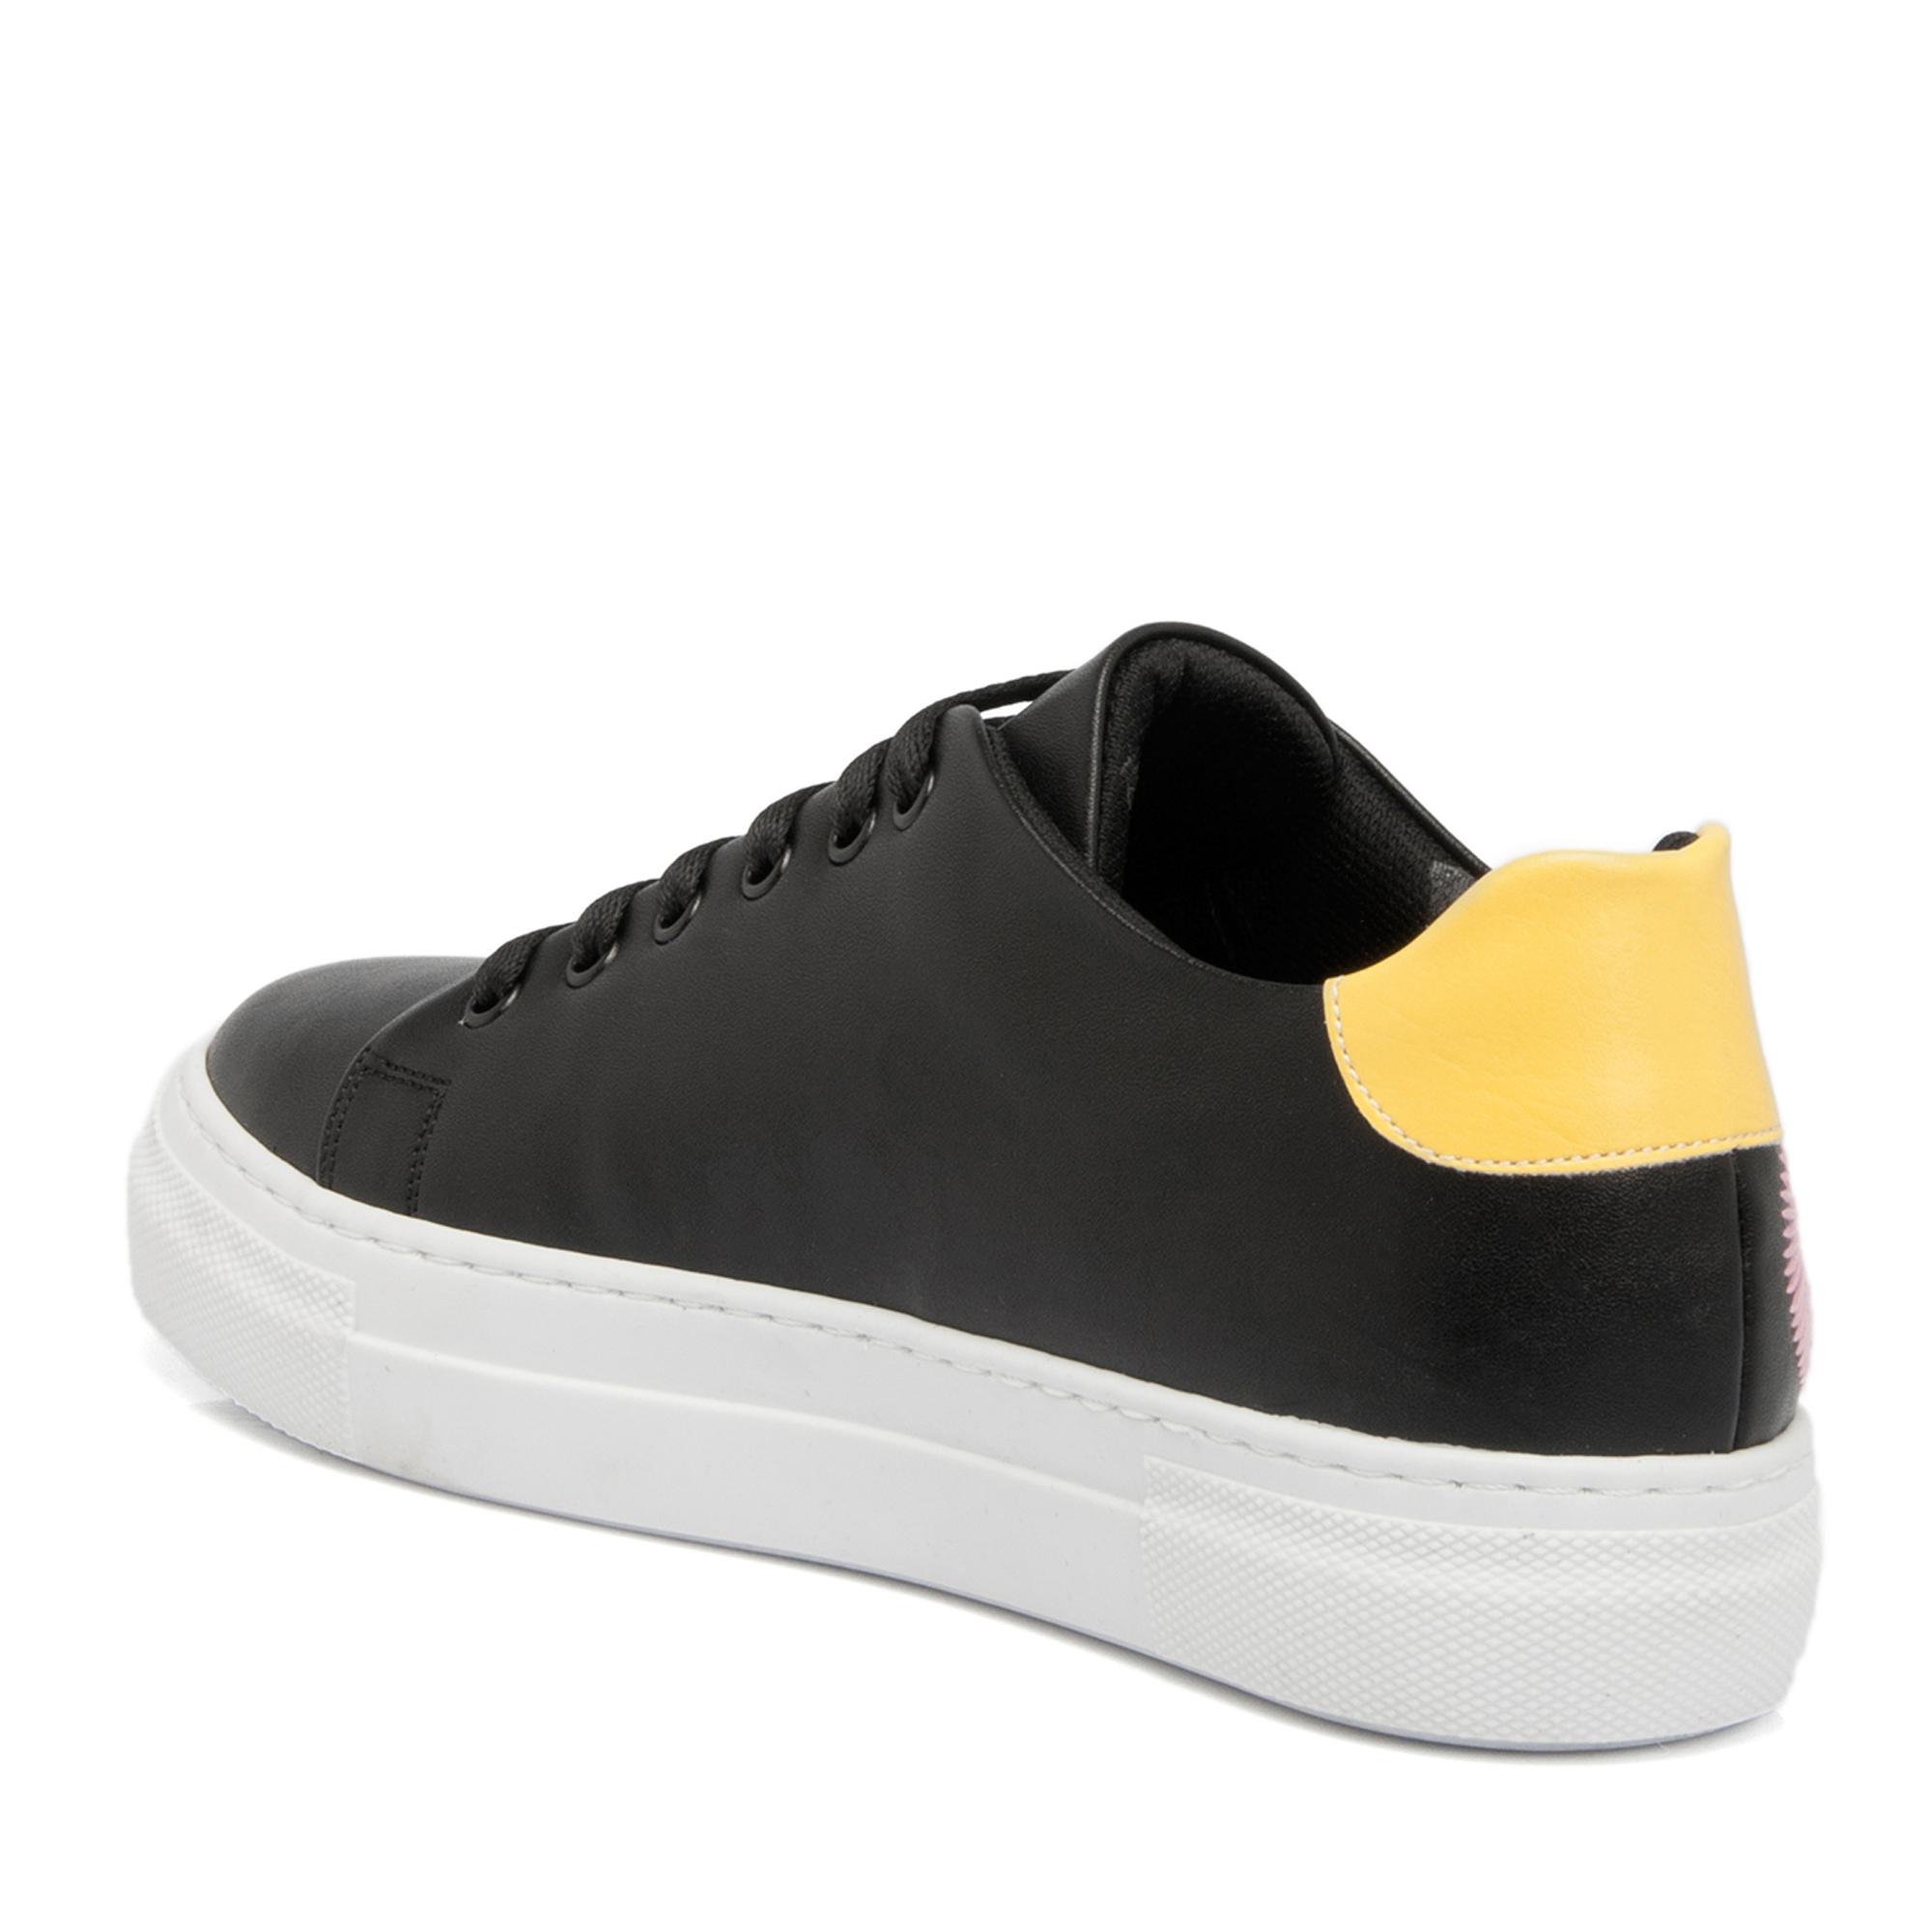 Siyah Tekstil Kadın Ayakkabı 64229D62